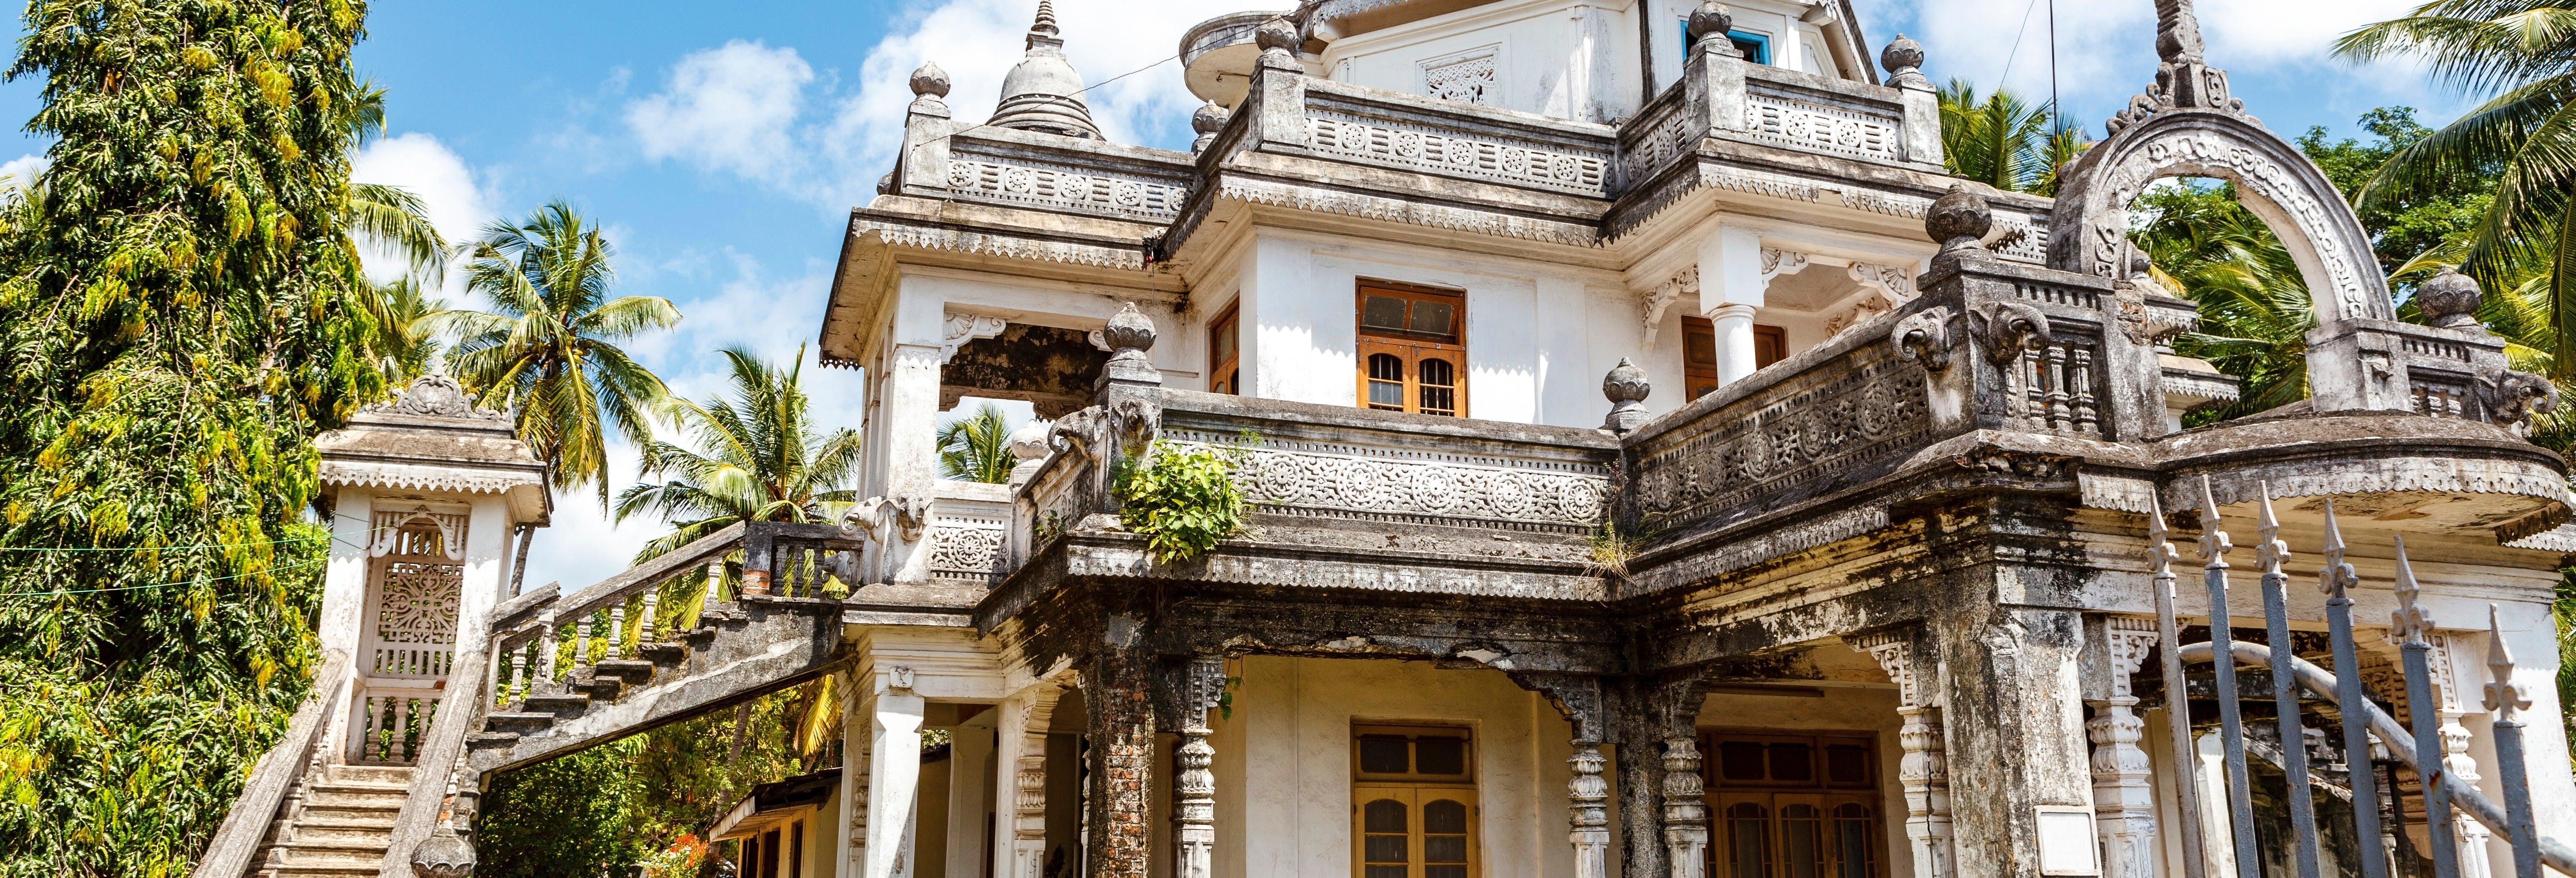 Excursión a Negombo